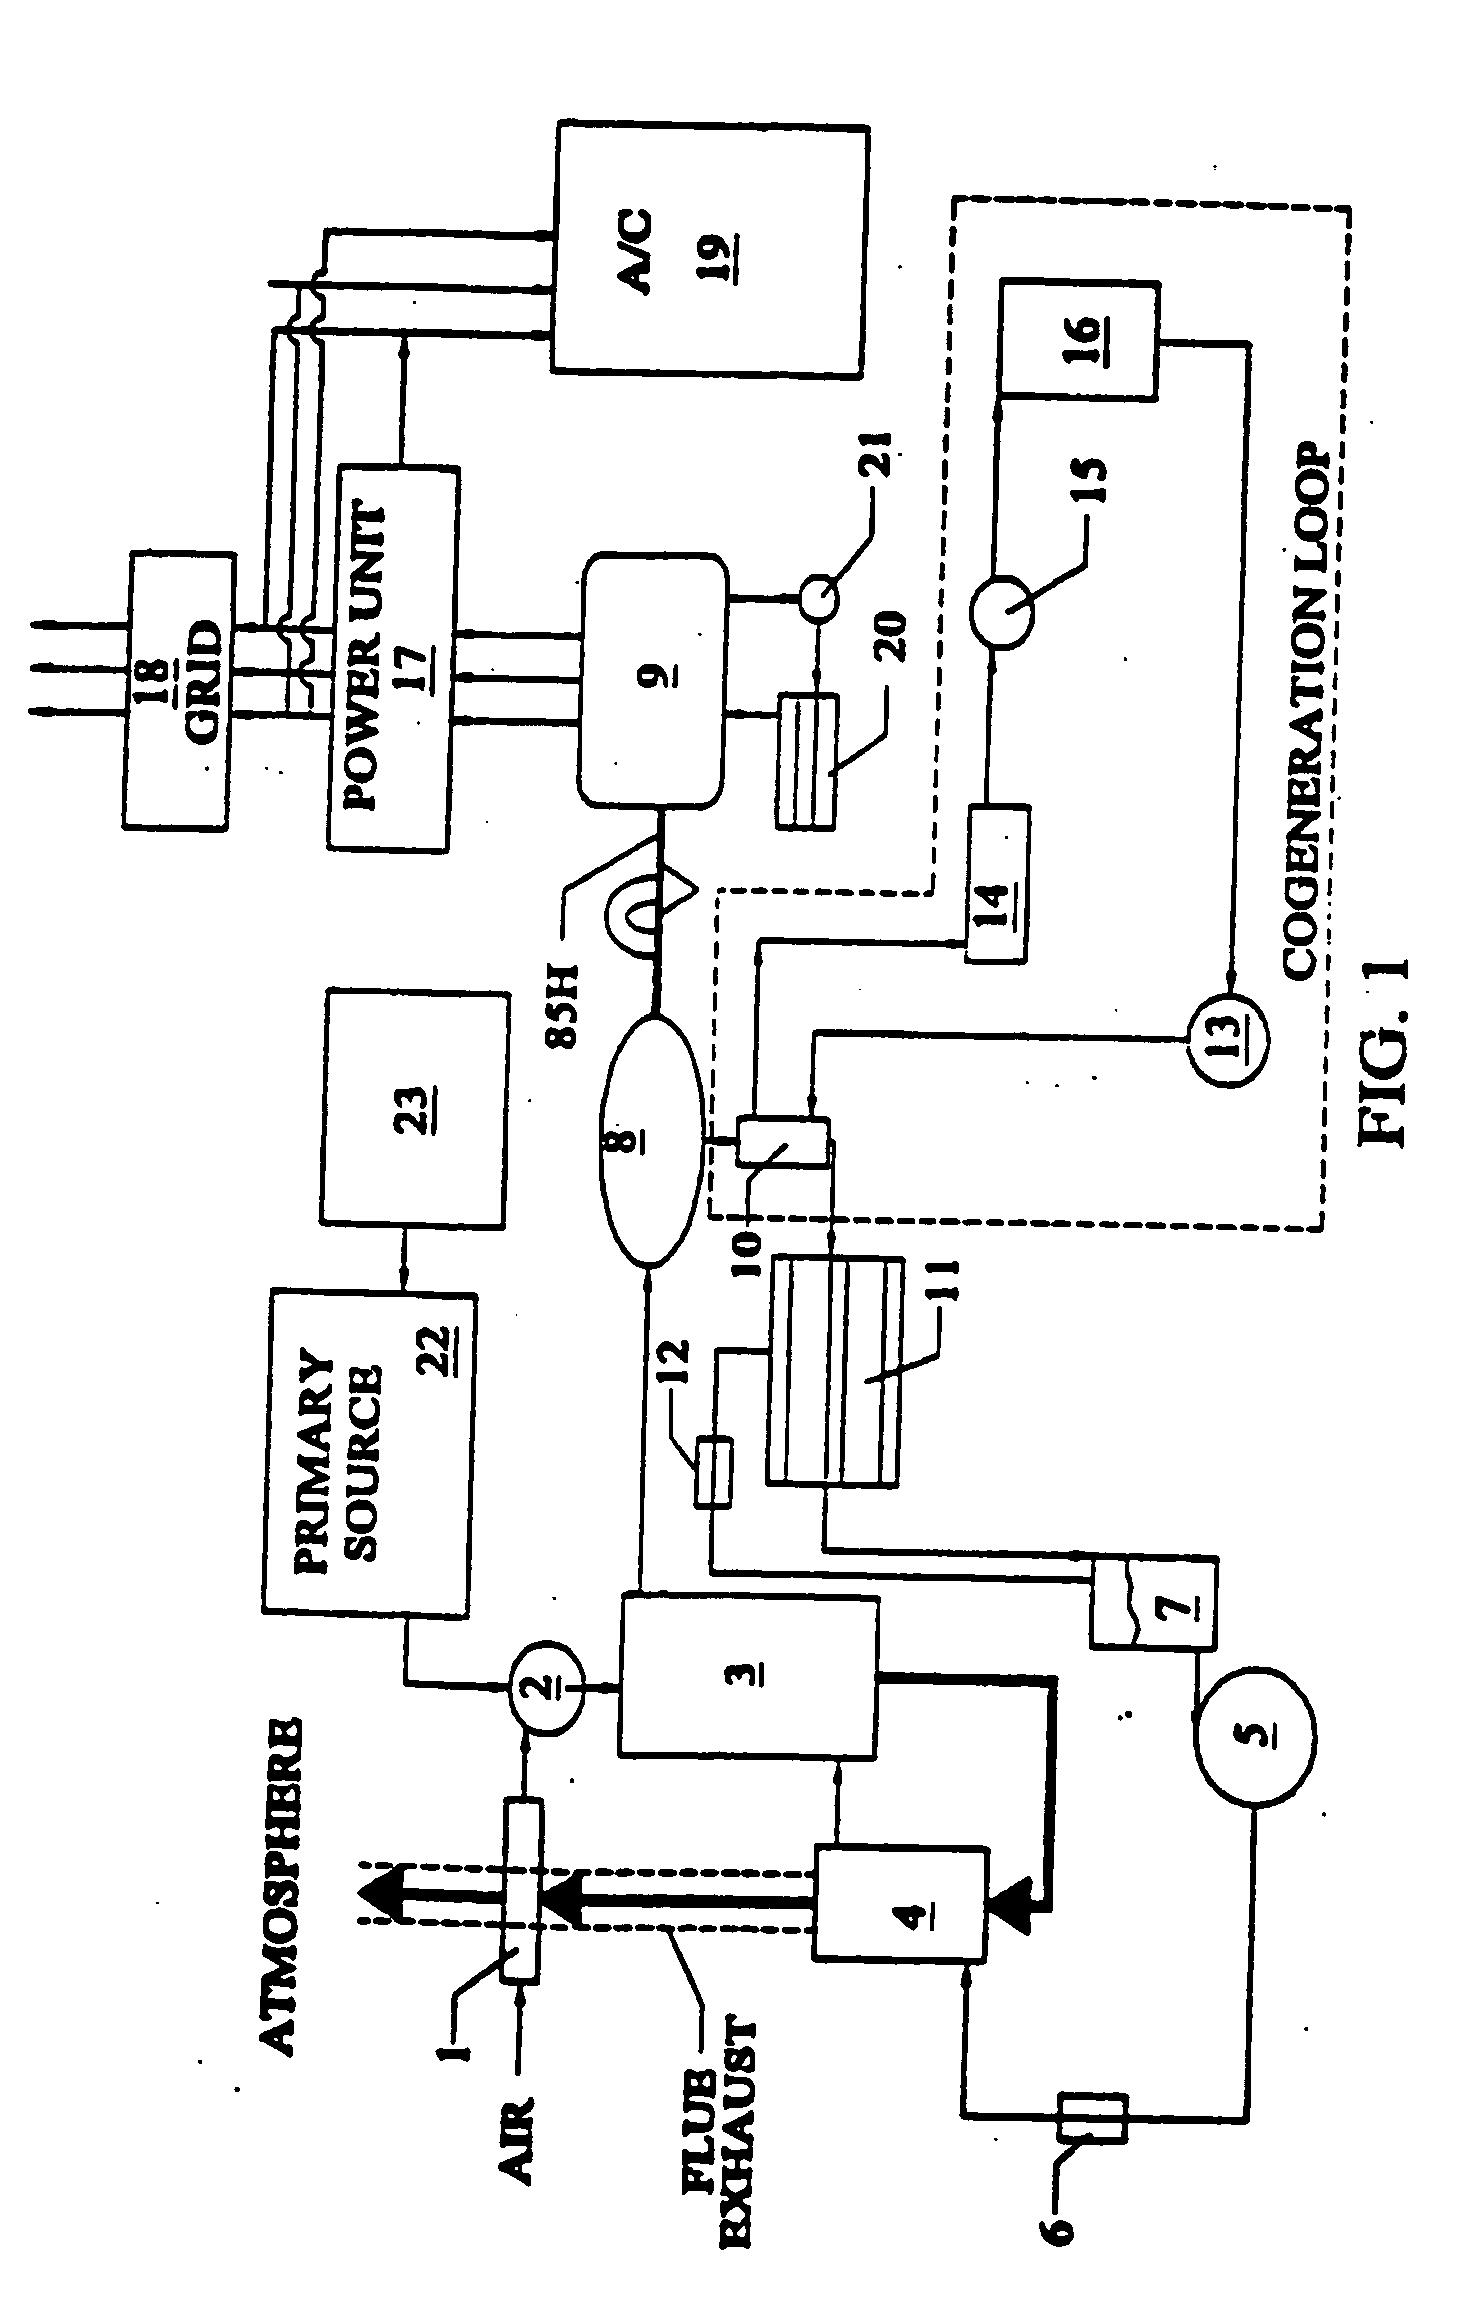 james watt steam engine patent diagram james watt steam